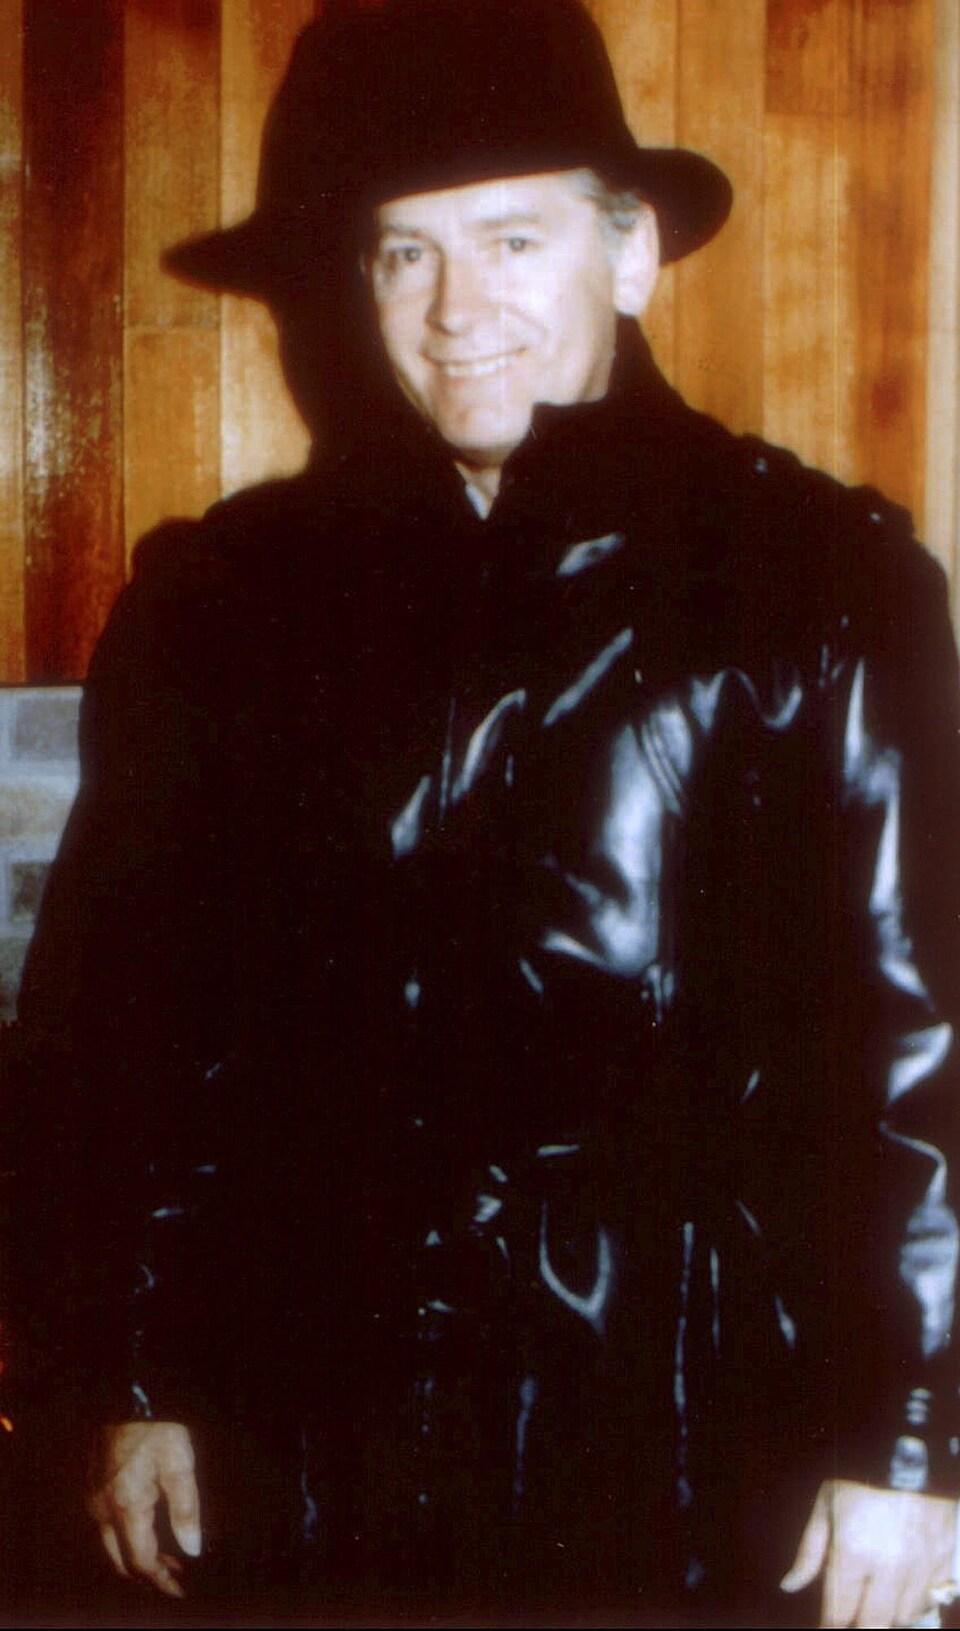 Le gangster américain pose dans un imperméable de cuir noir et un chapeau de feutre noir sur la tête.